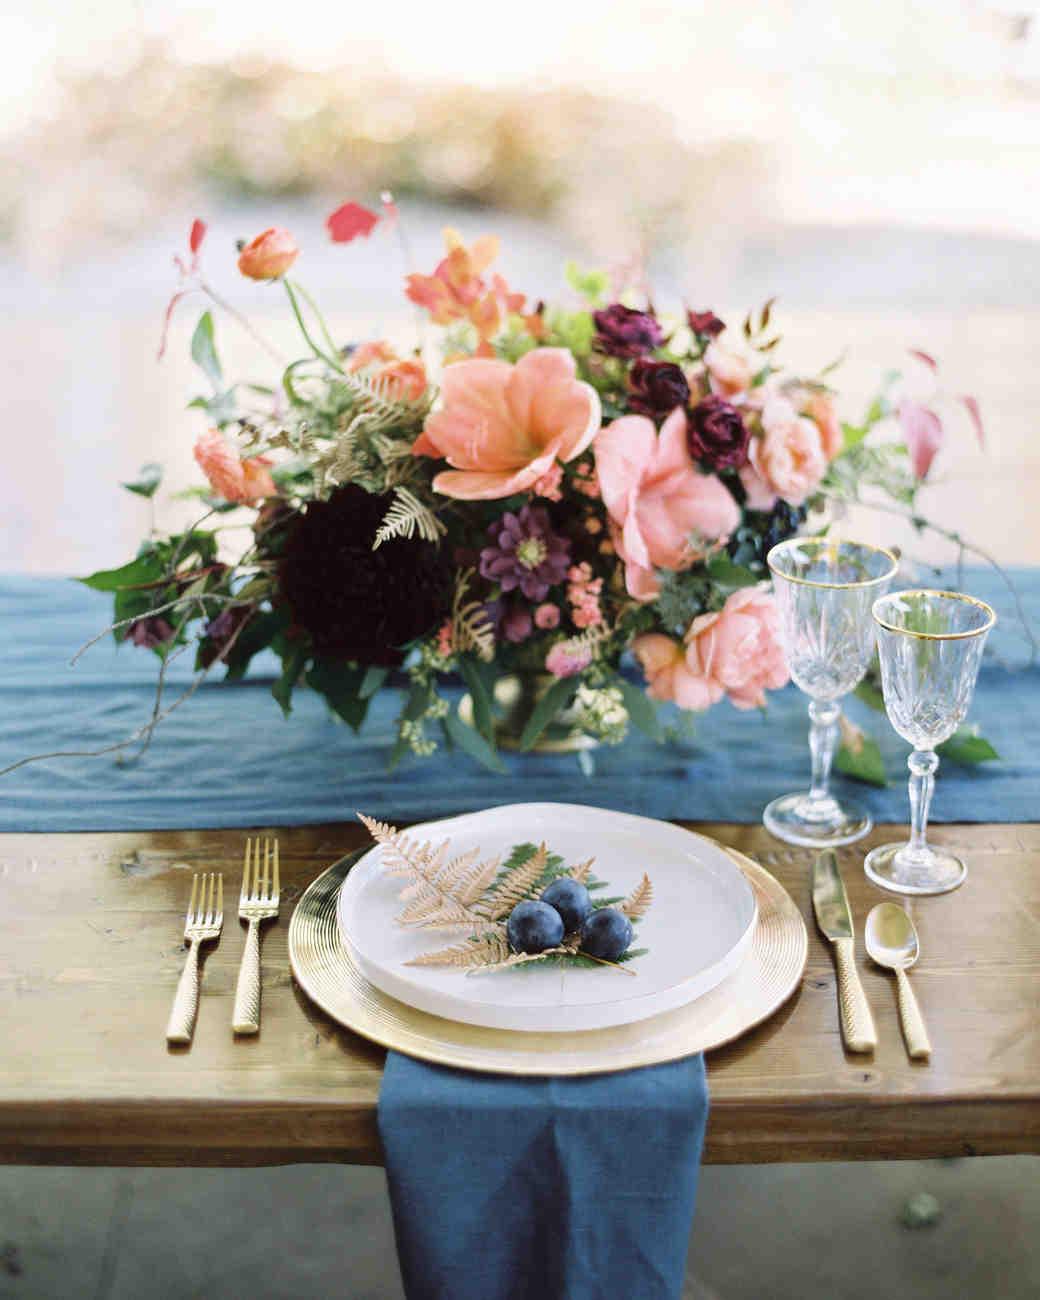 Pink Wedding Centerpiece Ideas: 38 Pink Wedding Centerpieces We Love